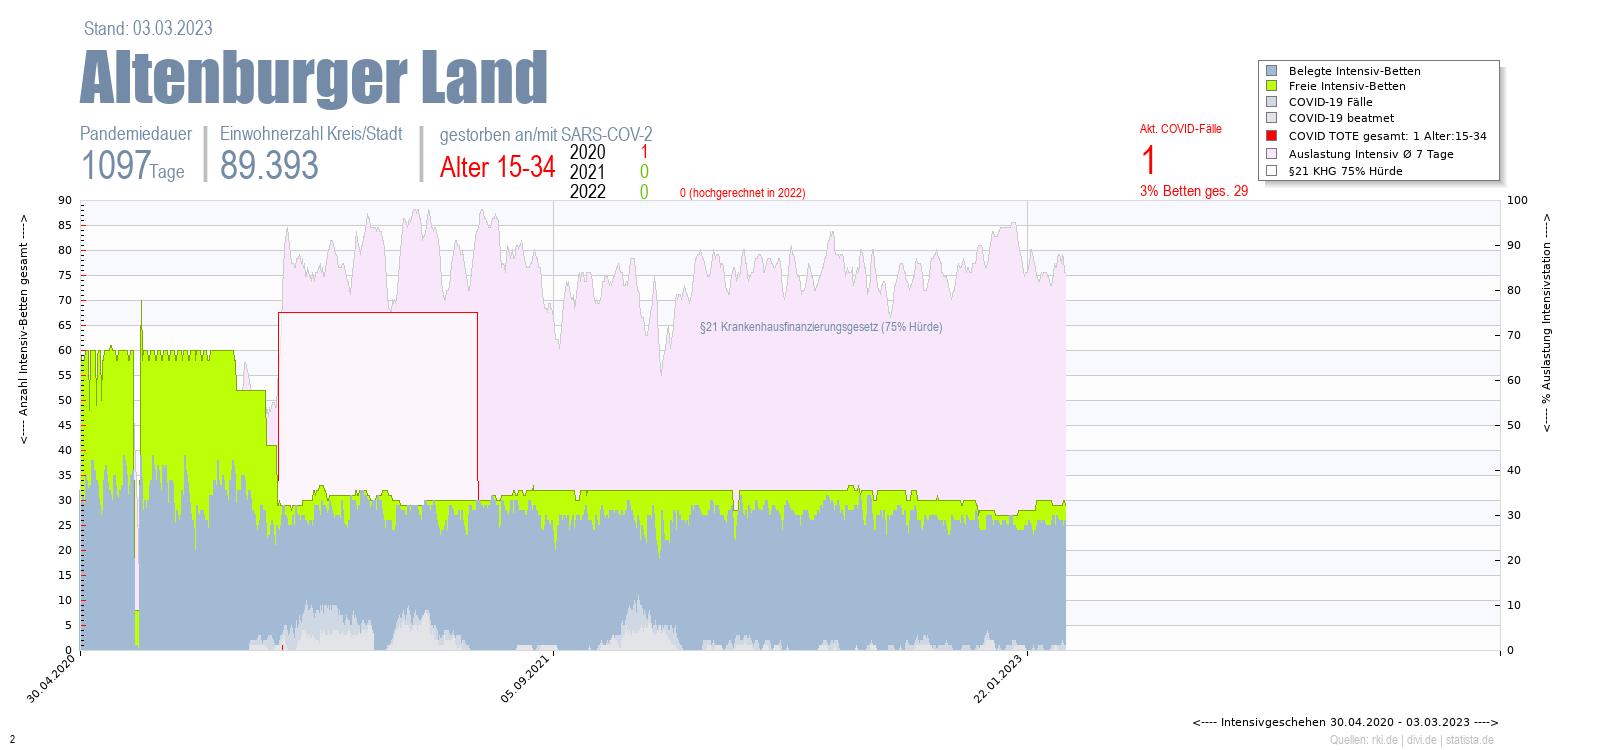 Intensivstation Auslastung Altenburger Land Alter 0-4